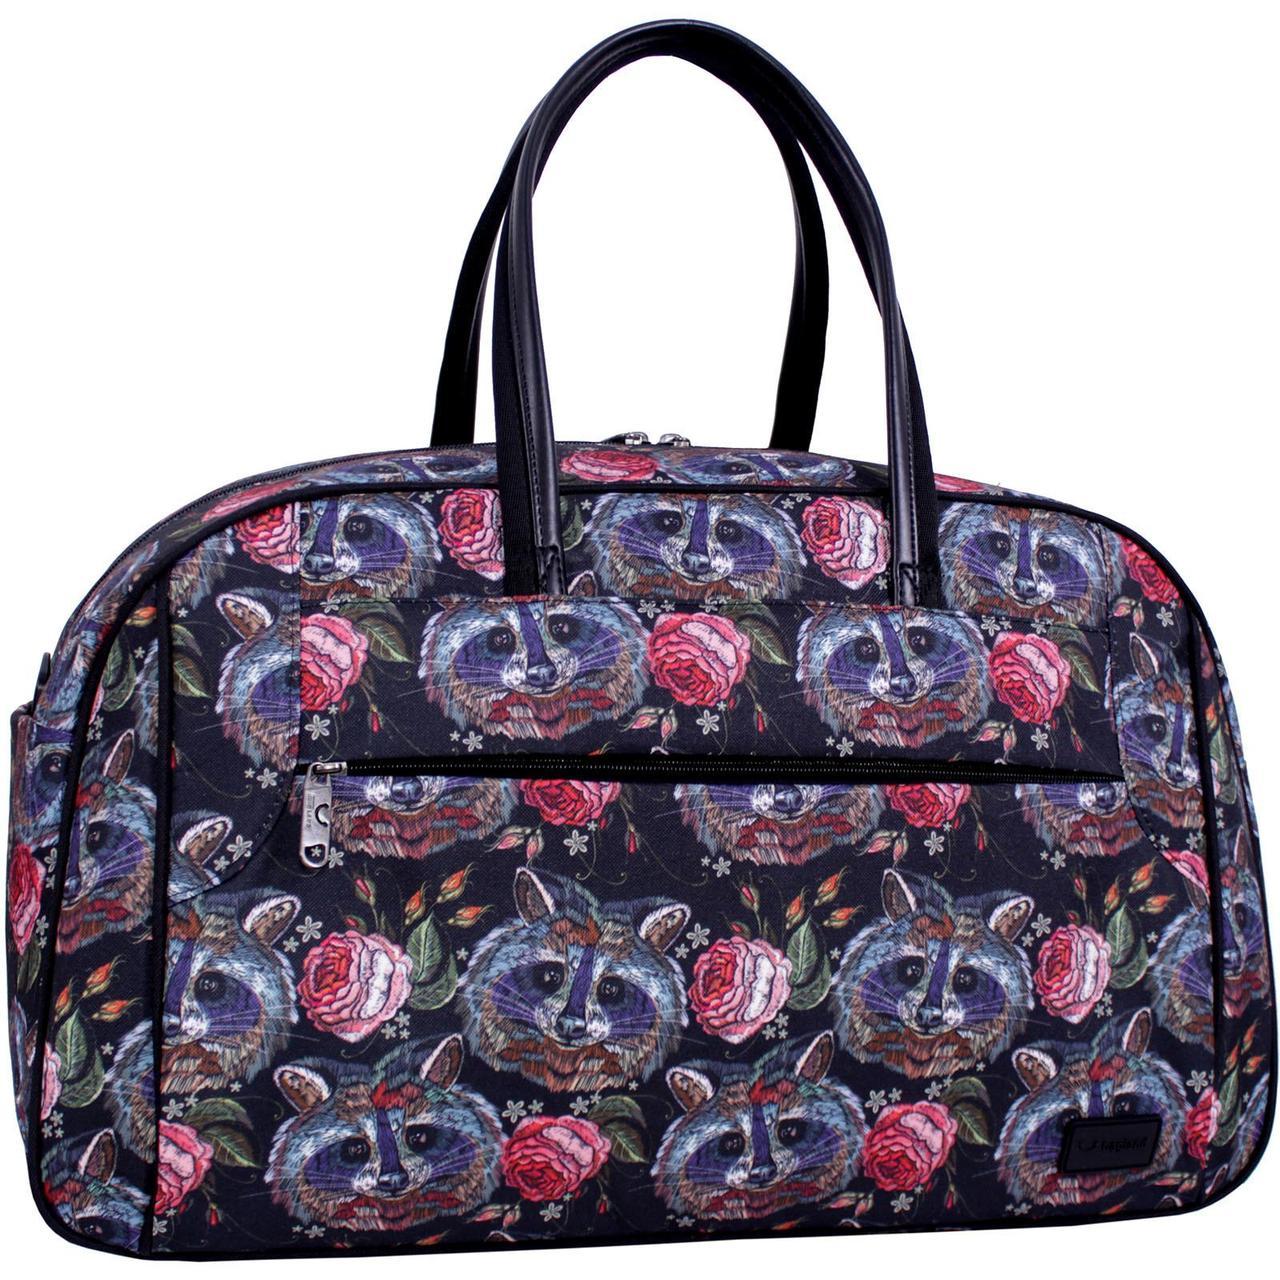 Дорожня сумка для ручної поклажі Bagland Туніс 34 л. Сублимація  /Дорожная сумка для ручной клади Bagland Тунис 34 л.   (00390664)